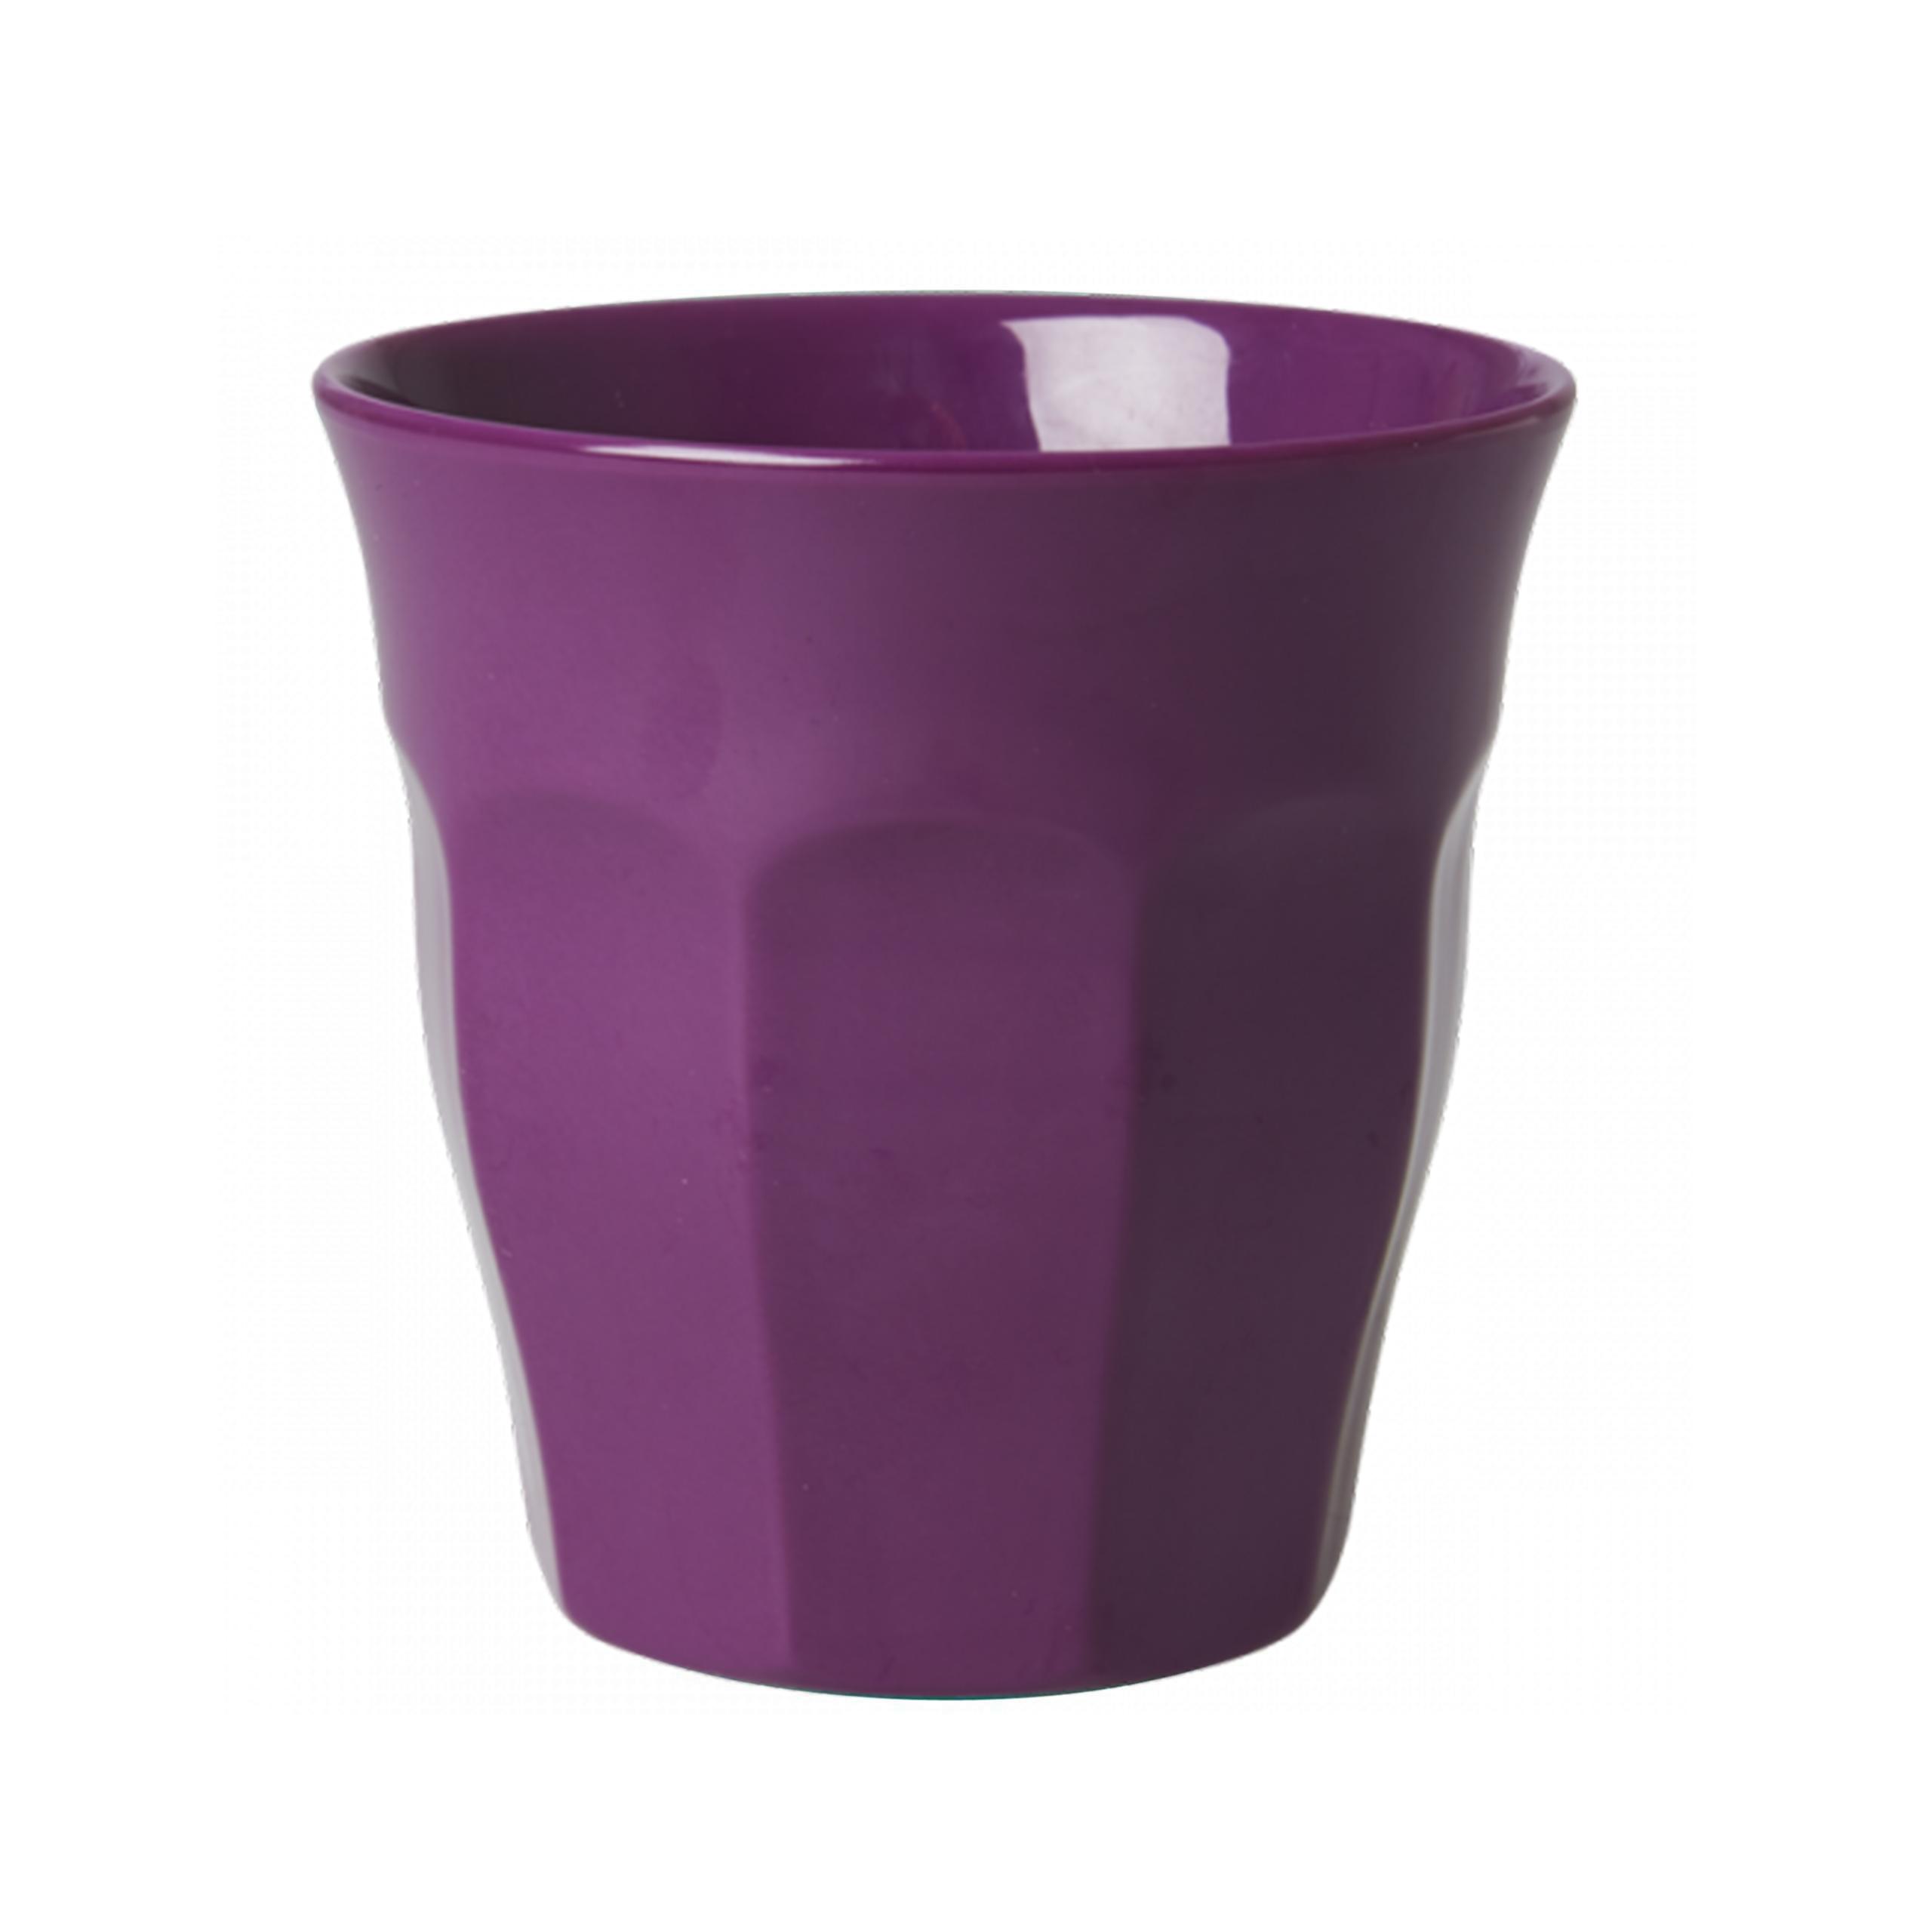 Medium Melamine Cup - Uni dunkelviolet - rice